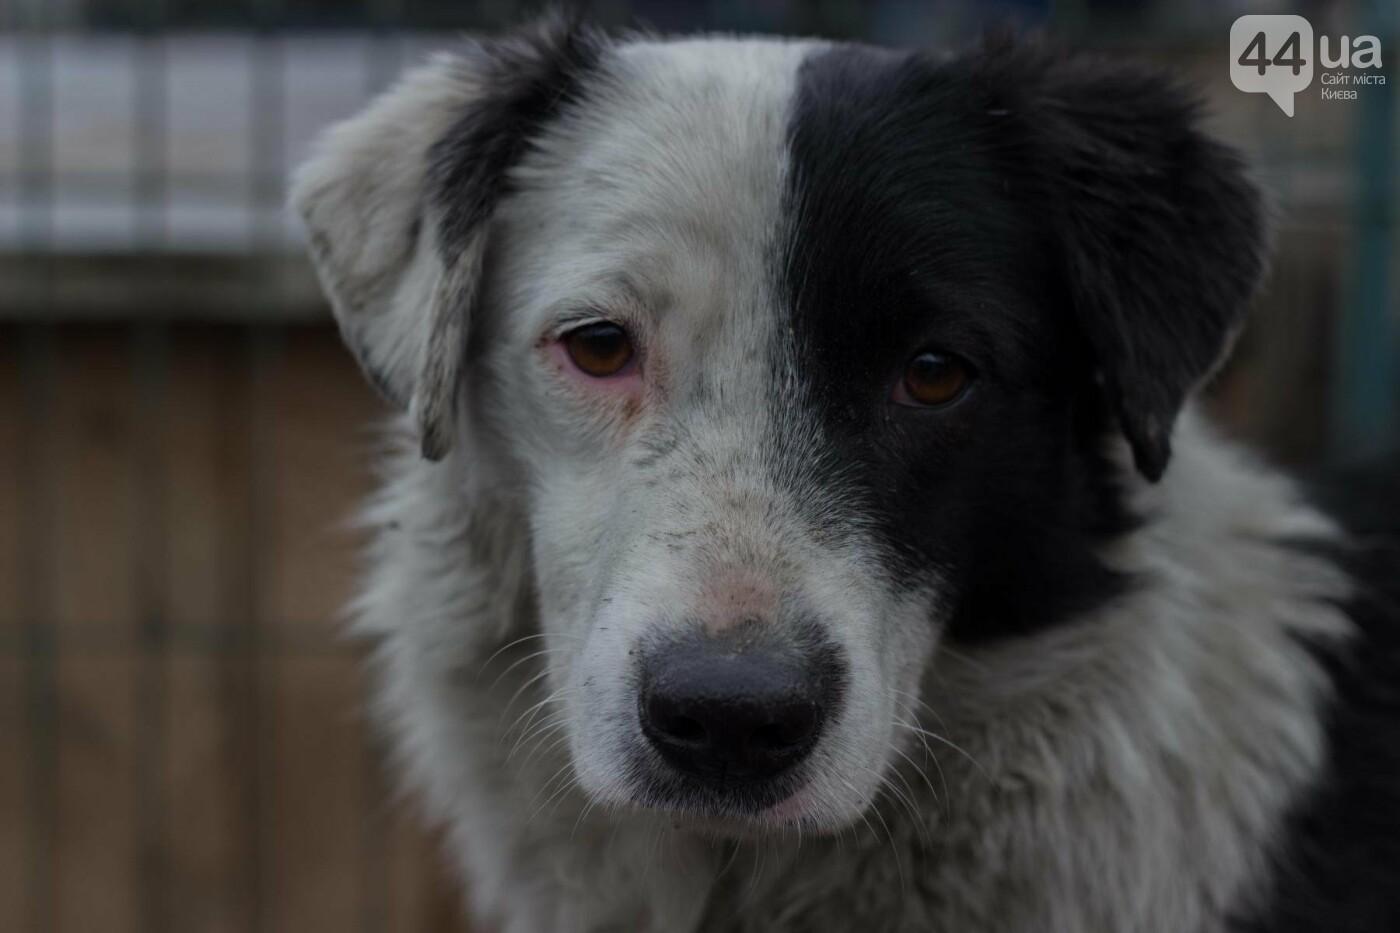 В приюте для животных неизвестные расстреливают и калечат собак, фото-9